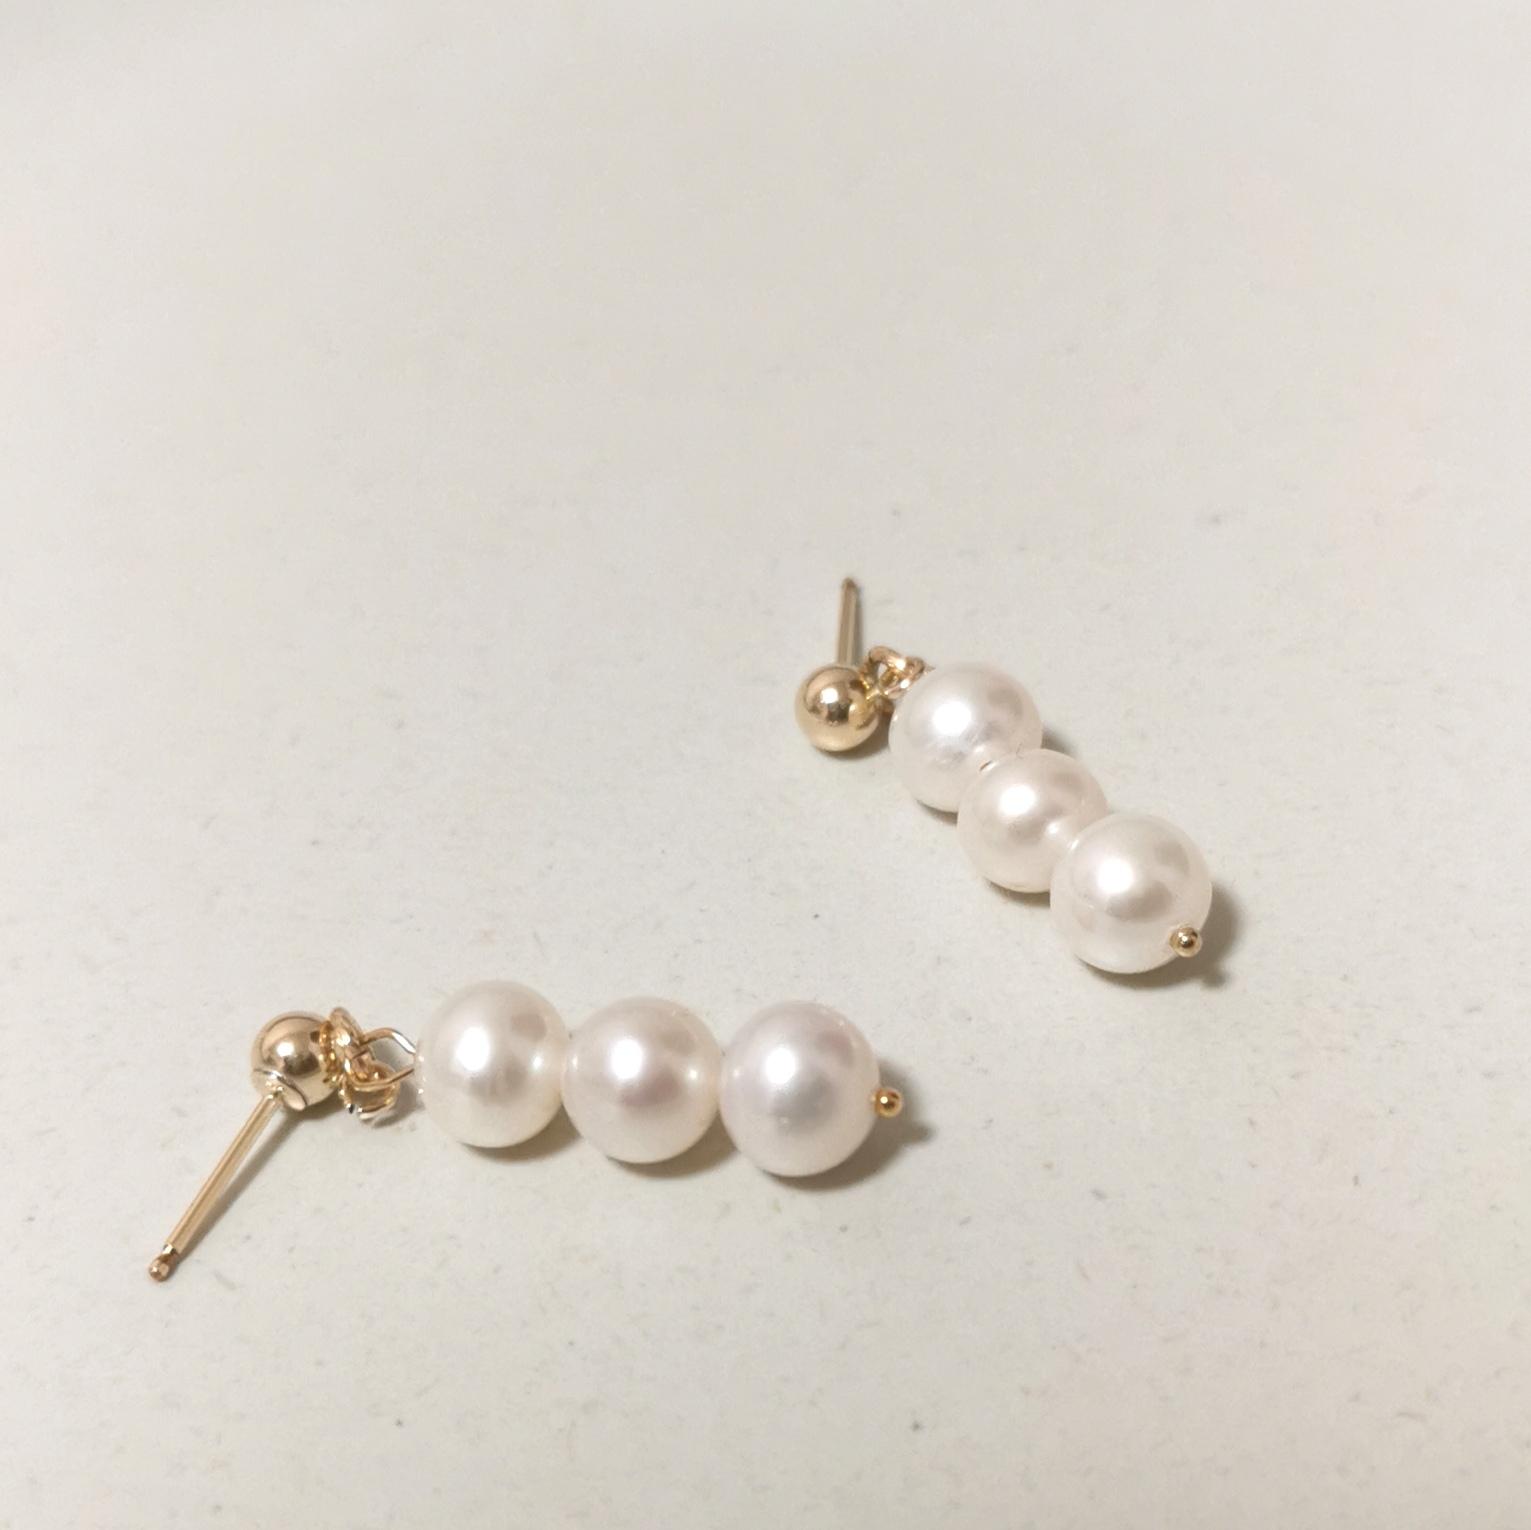 Freshwater pearl 14kgf earrings